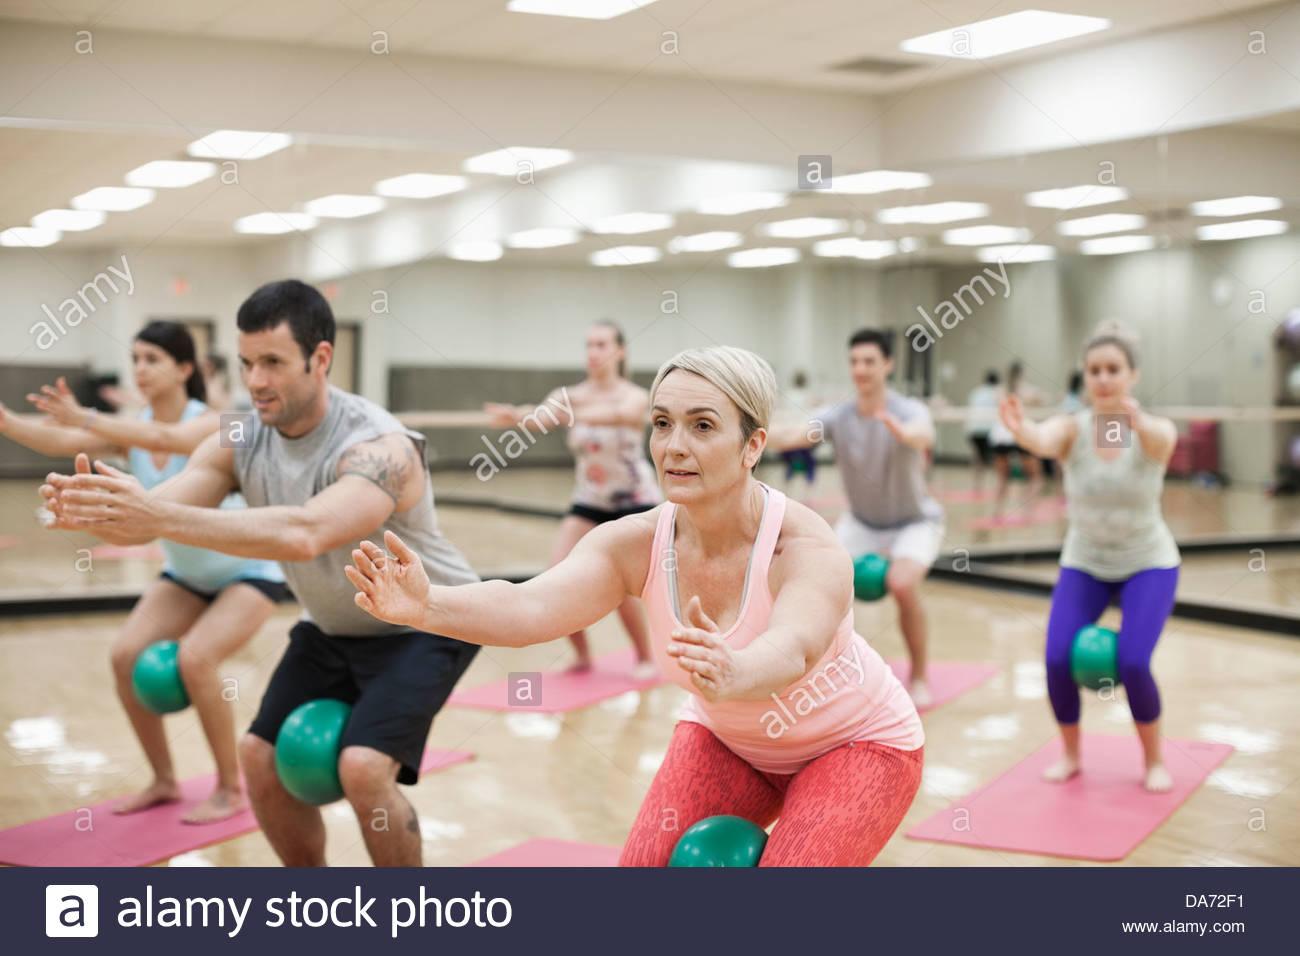 Grupo de personas que ejercen en la clase de gimnasia Imagen De Stock